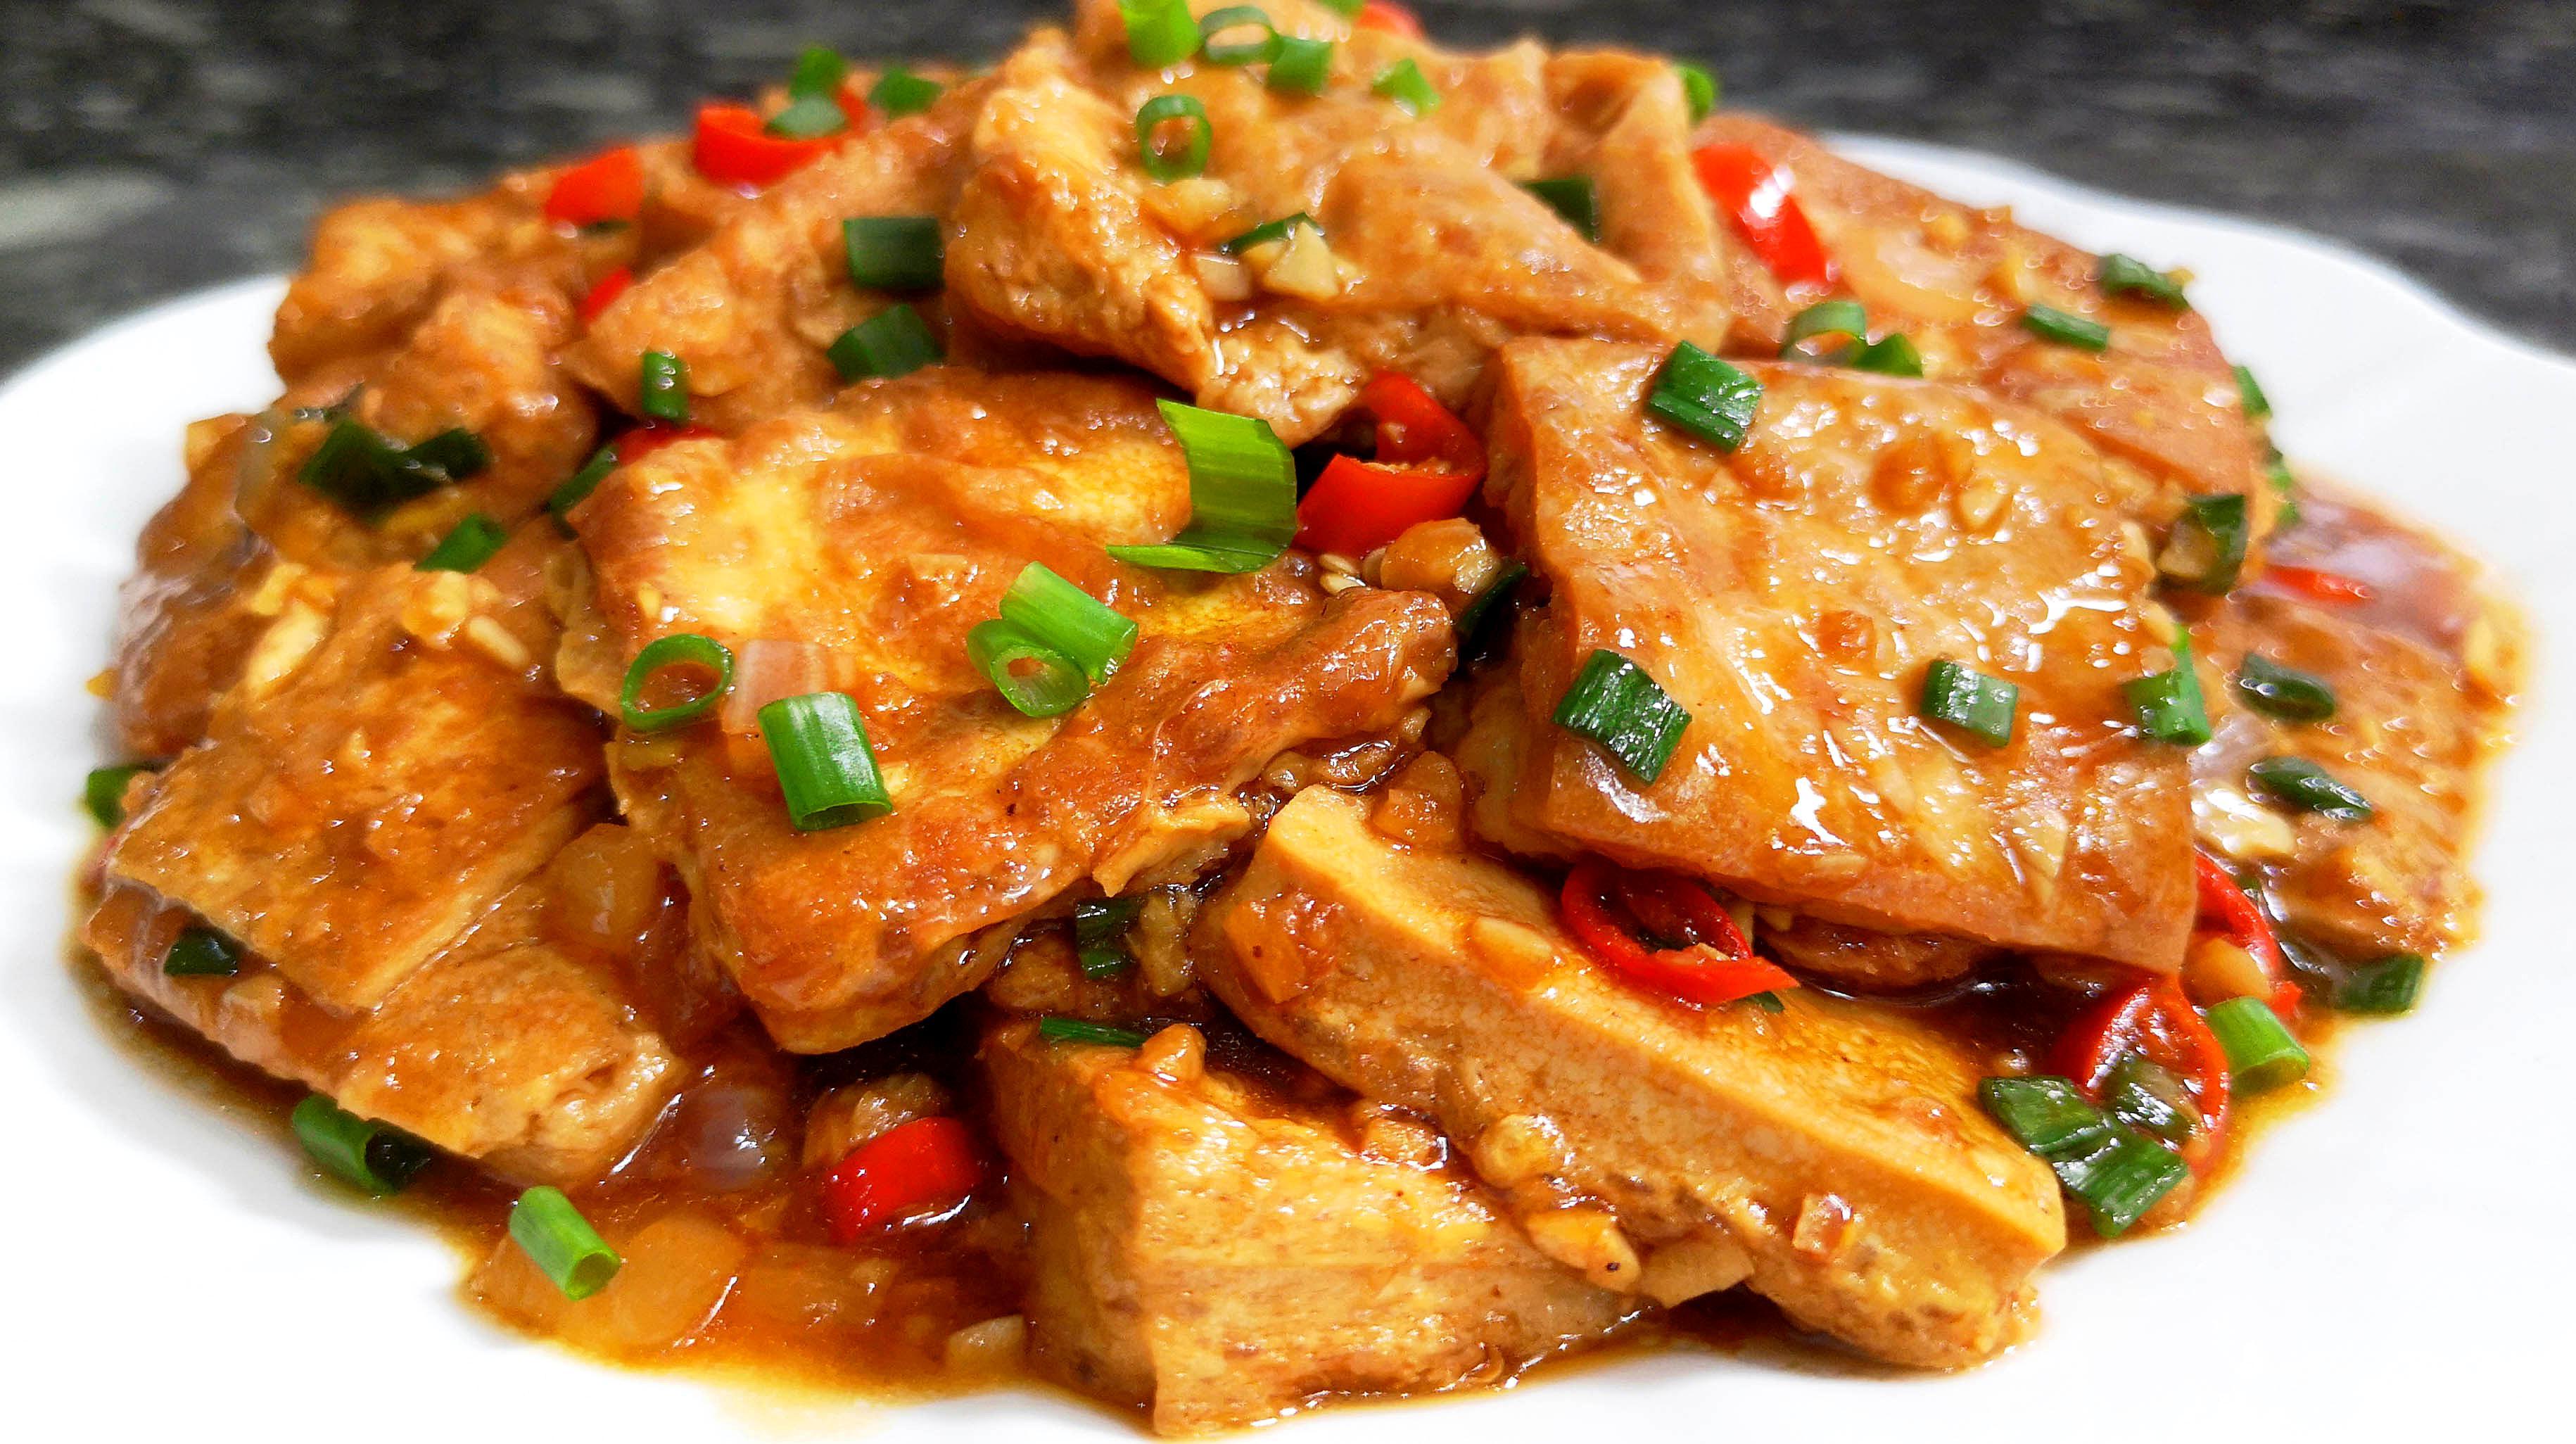 红烧香嫩的排骨豆腐,比家常做的好吃,做法下饭,超级入味美颐鲍汁公司饭店图片